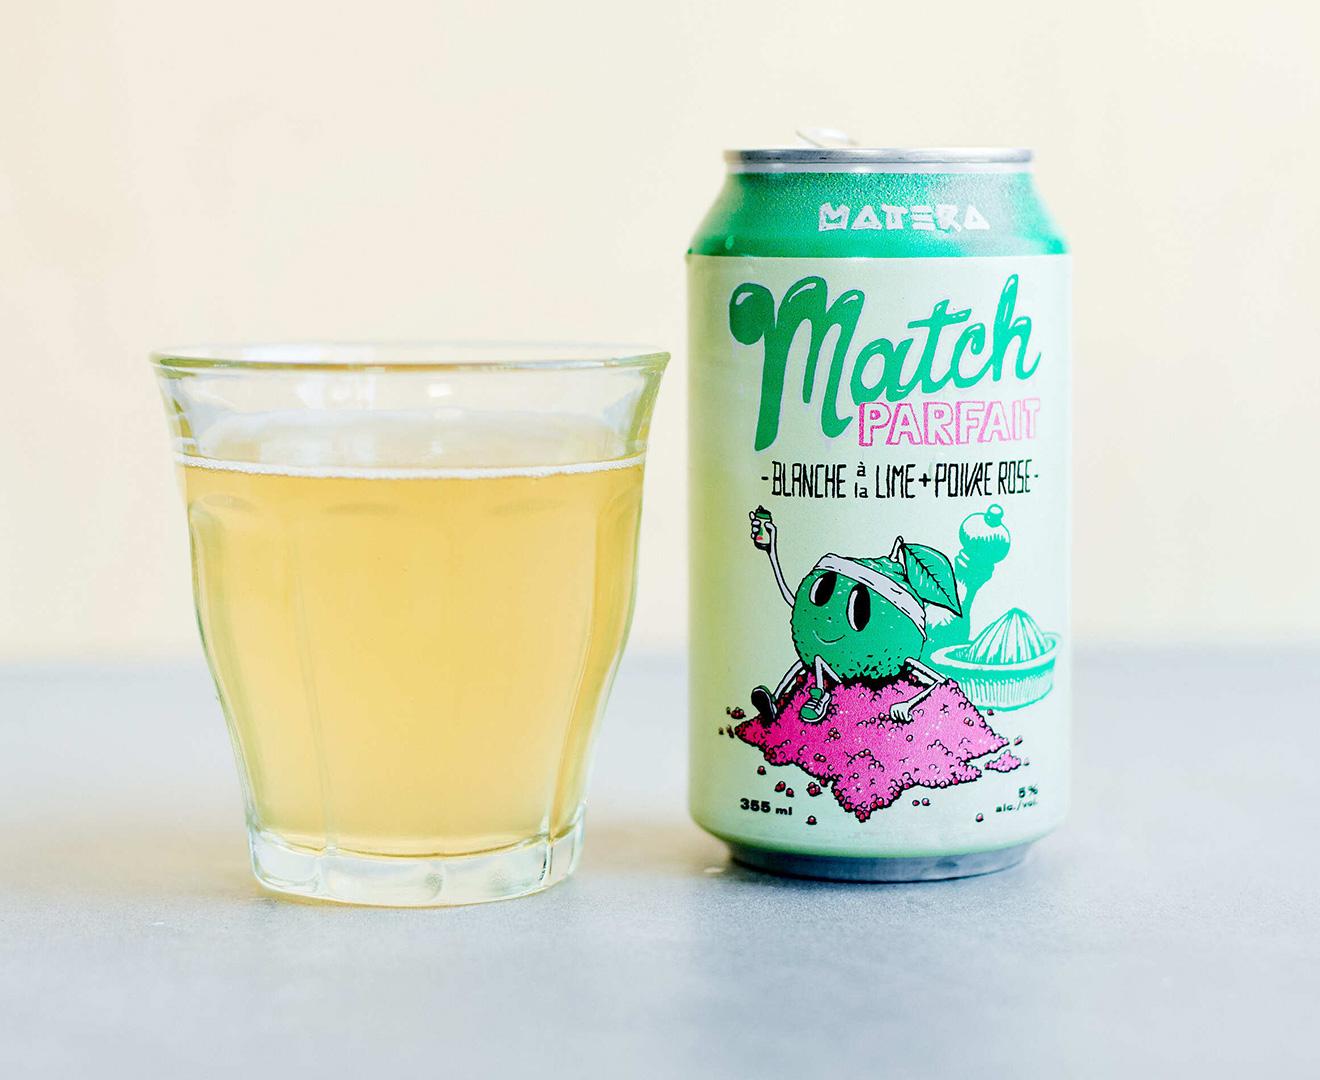 Match parfait Matera